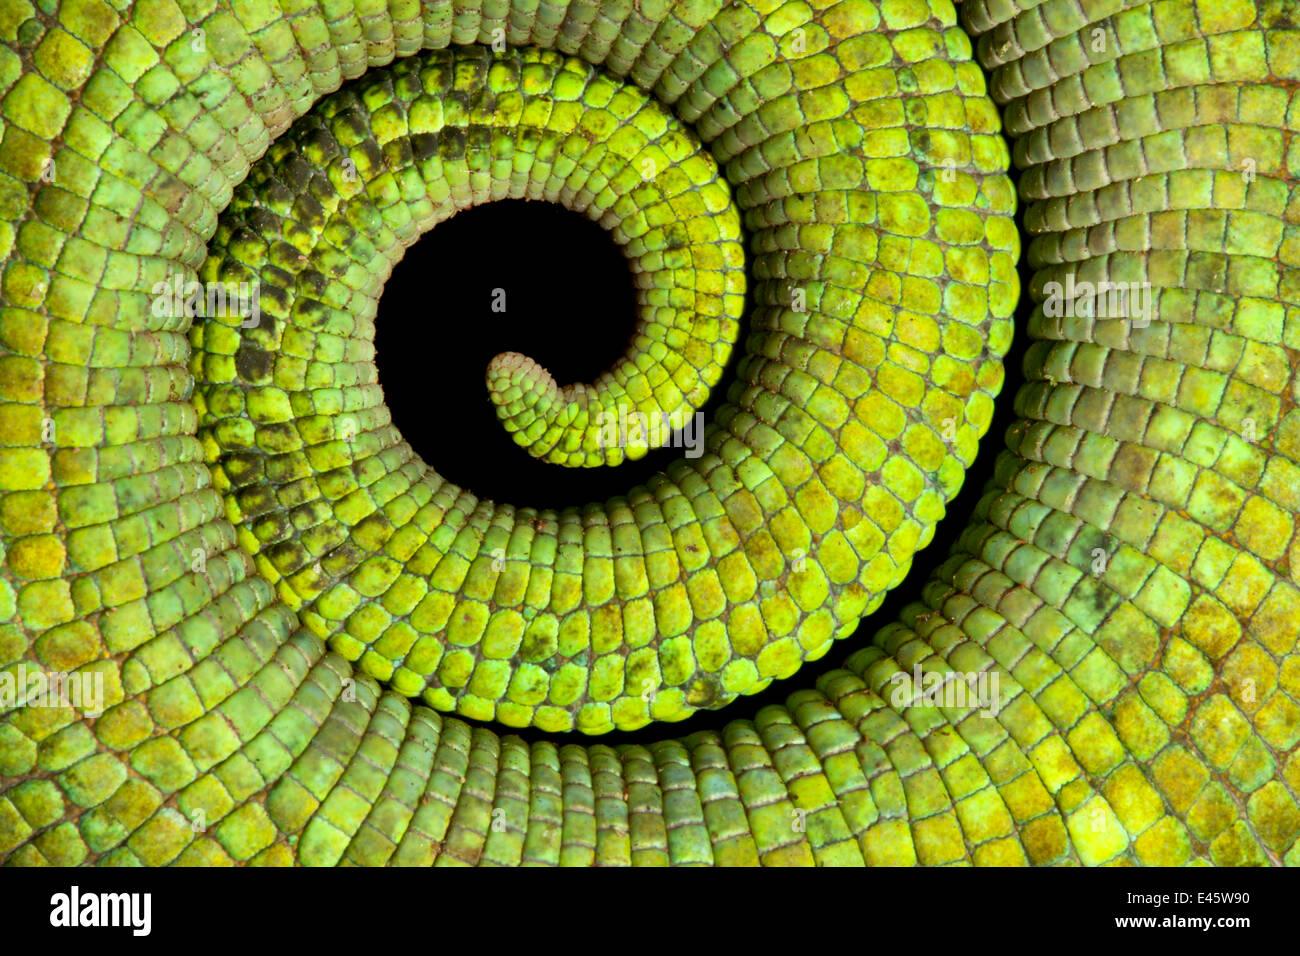 Nahaufnahme aufgerollter Schwanz von Parsons Chamäleon {Calumma Parsonii} Skalen und starke grüne Färbung zeigen. Tropischer Regenwald, Nationalpark Masoala Halbinsel, Nord-Ost-Madagaskar. Stockfoto